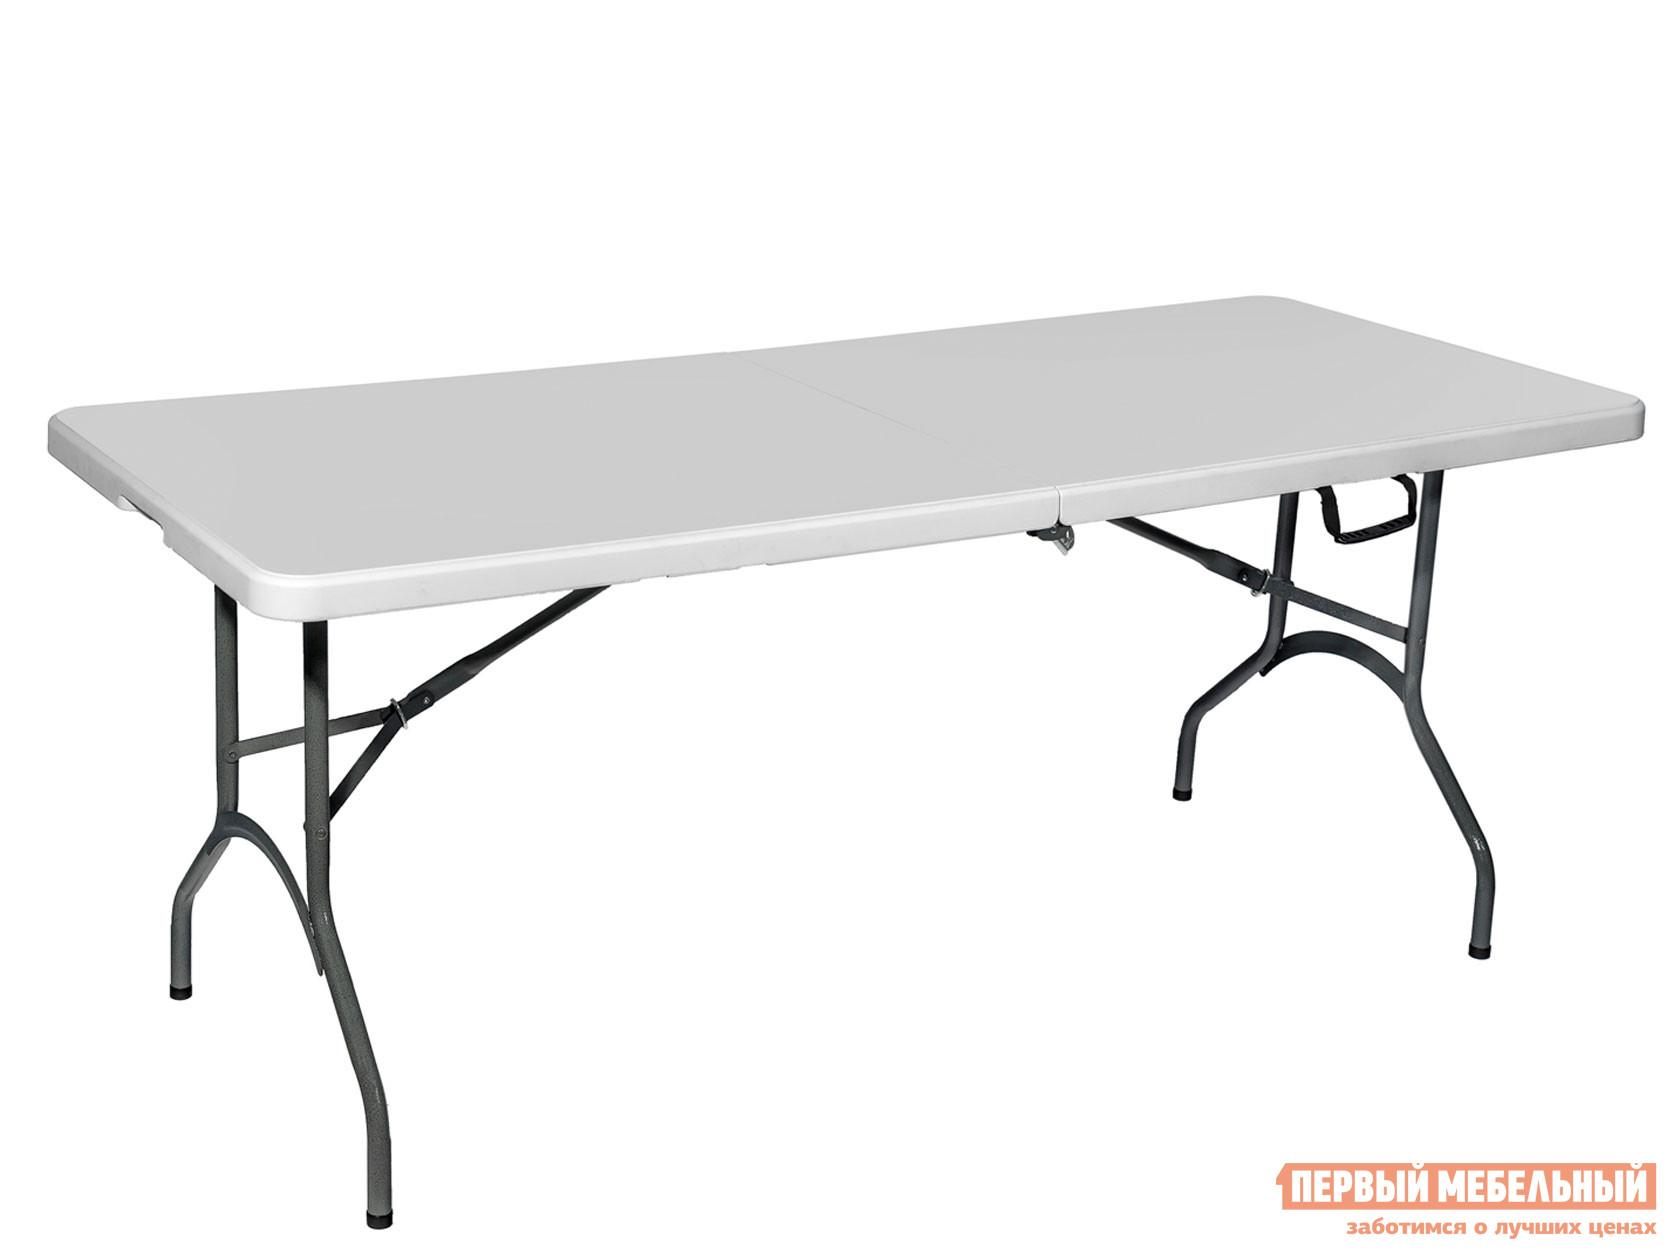 Стол для пикника Первый Мебельный Стол складной 182*74*74 см